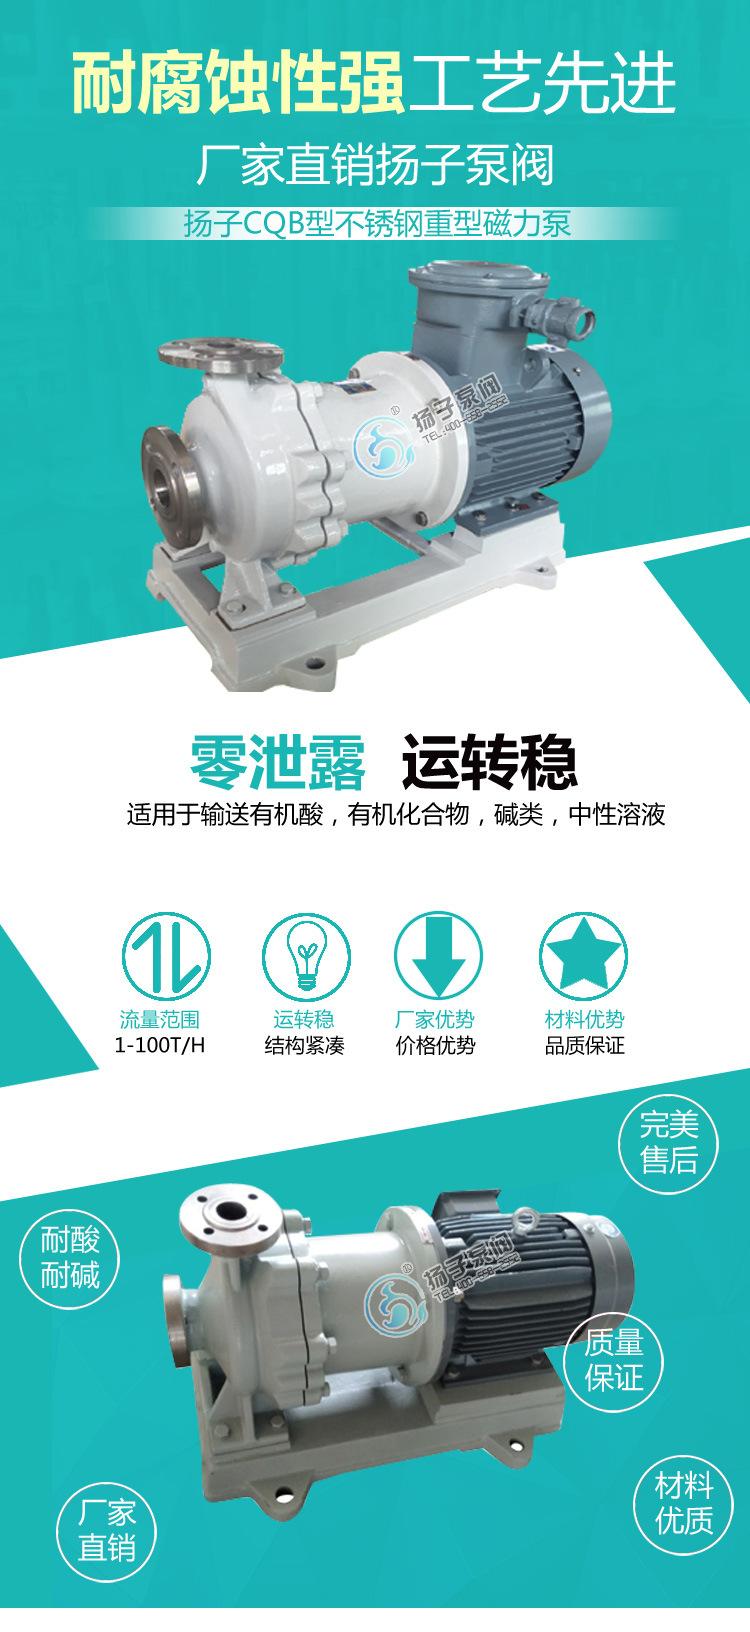 不锈钢磁力泵 316L不锈钢耐腐蚀碱液泵 耐高温化工磁力泵 烧碱泵示例图1